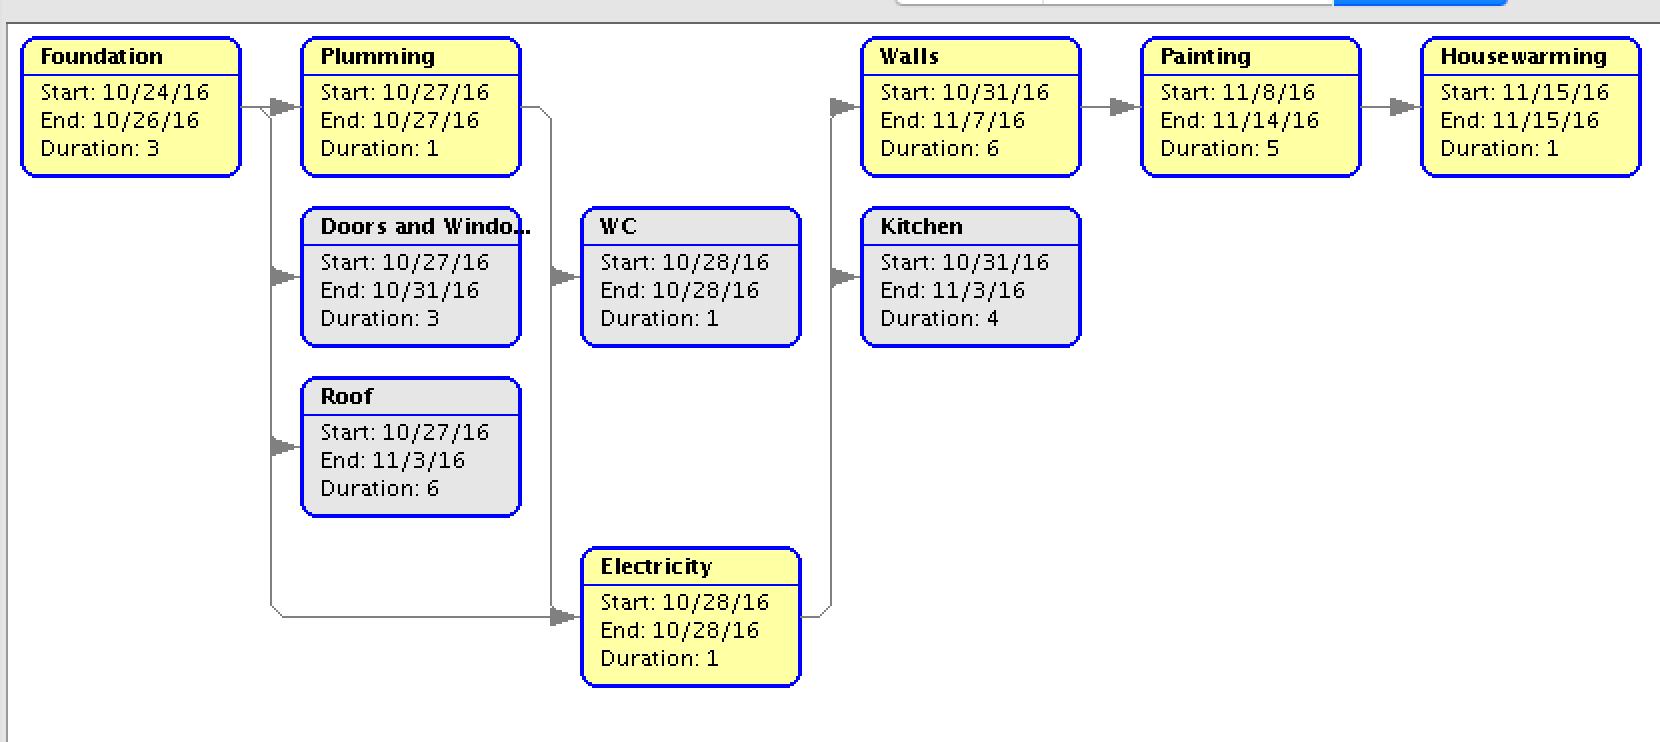 Thit project management ved hjlp af en gantt chart kan man beregne varigheden p et givent projekt ved hjlp af metoden critical path ls mere om dette i afsnit 4 ccuart Choice Image